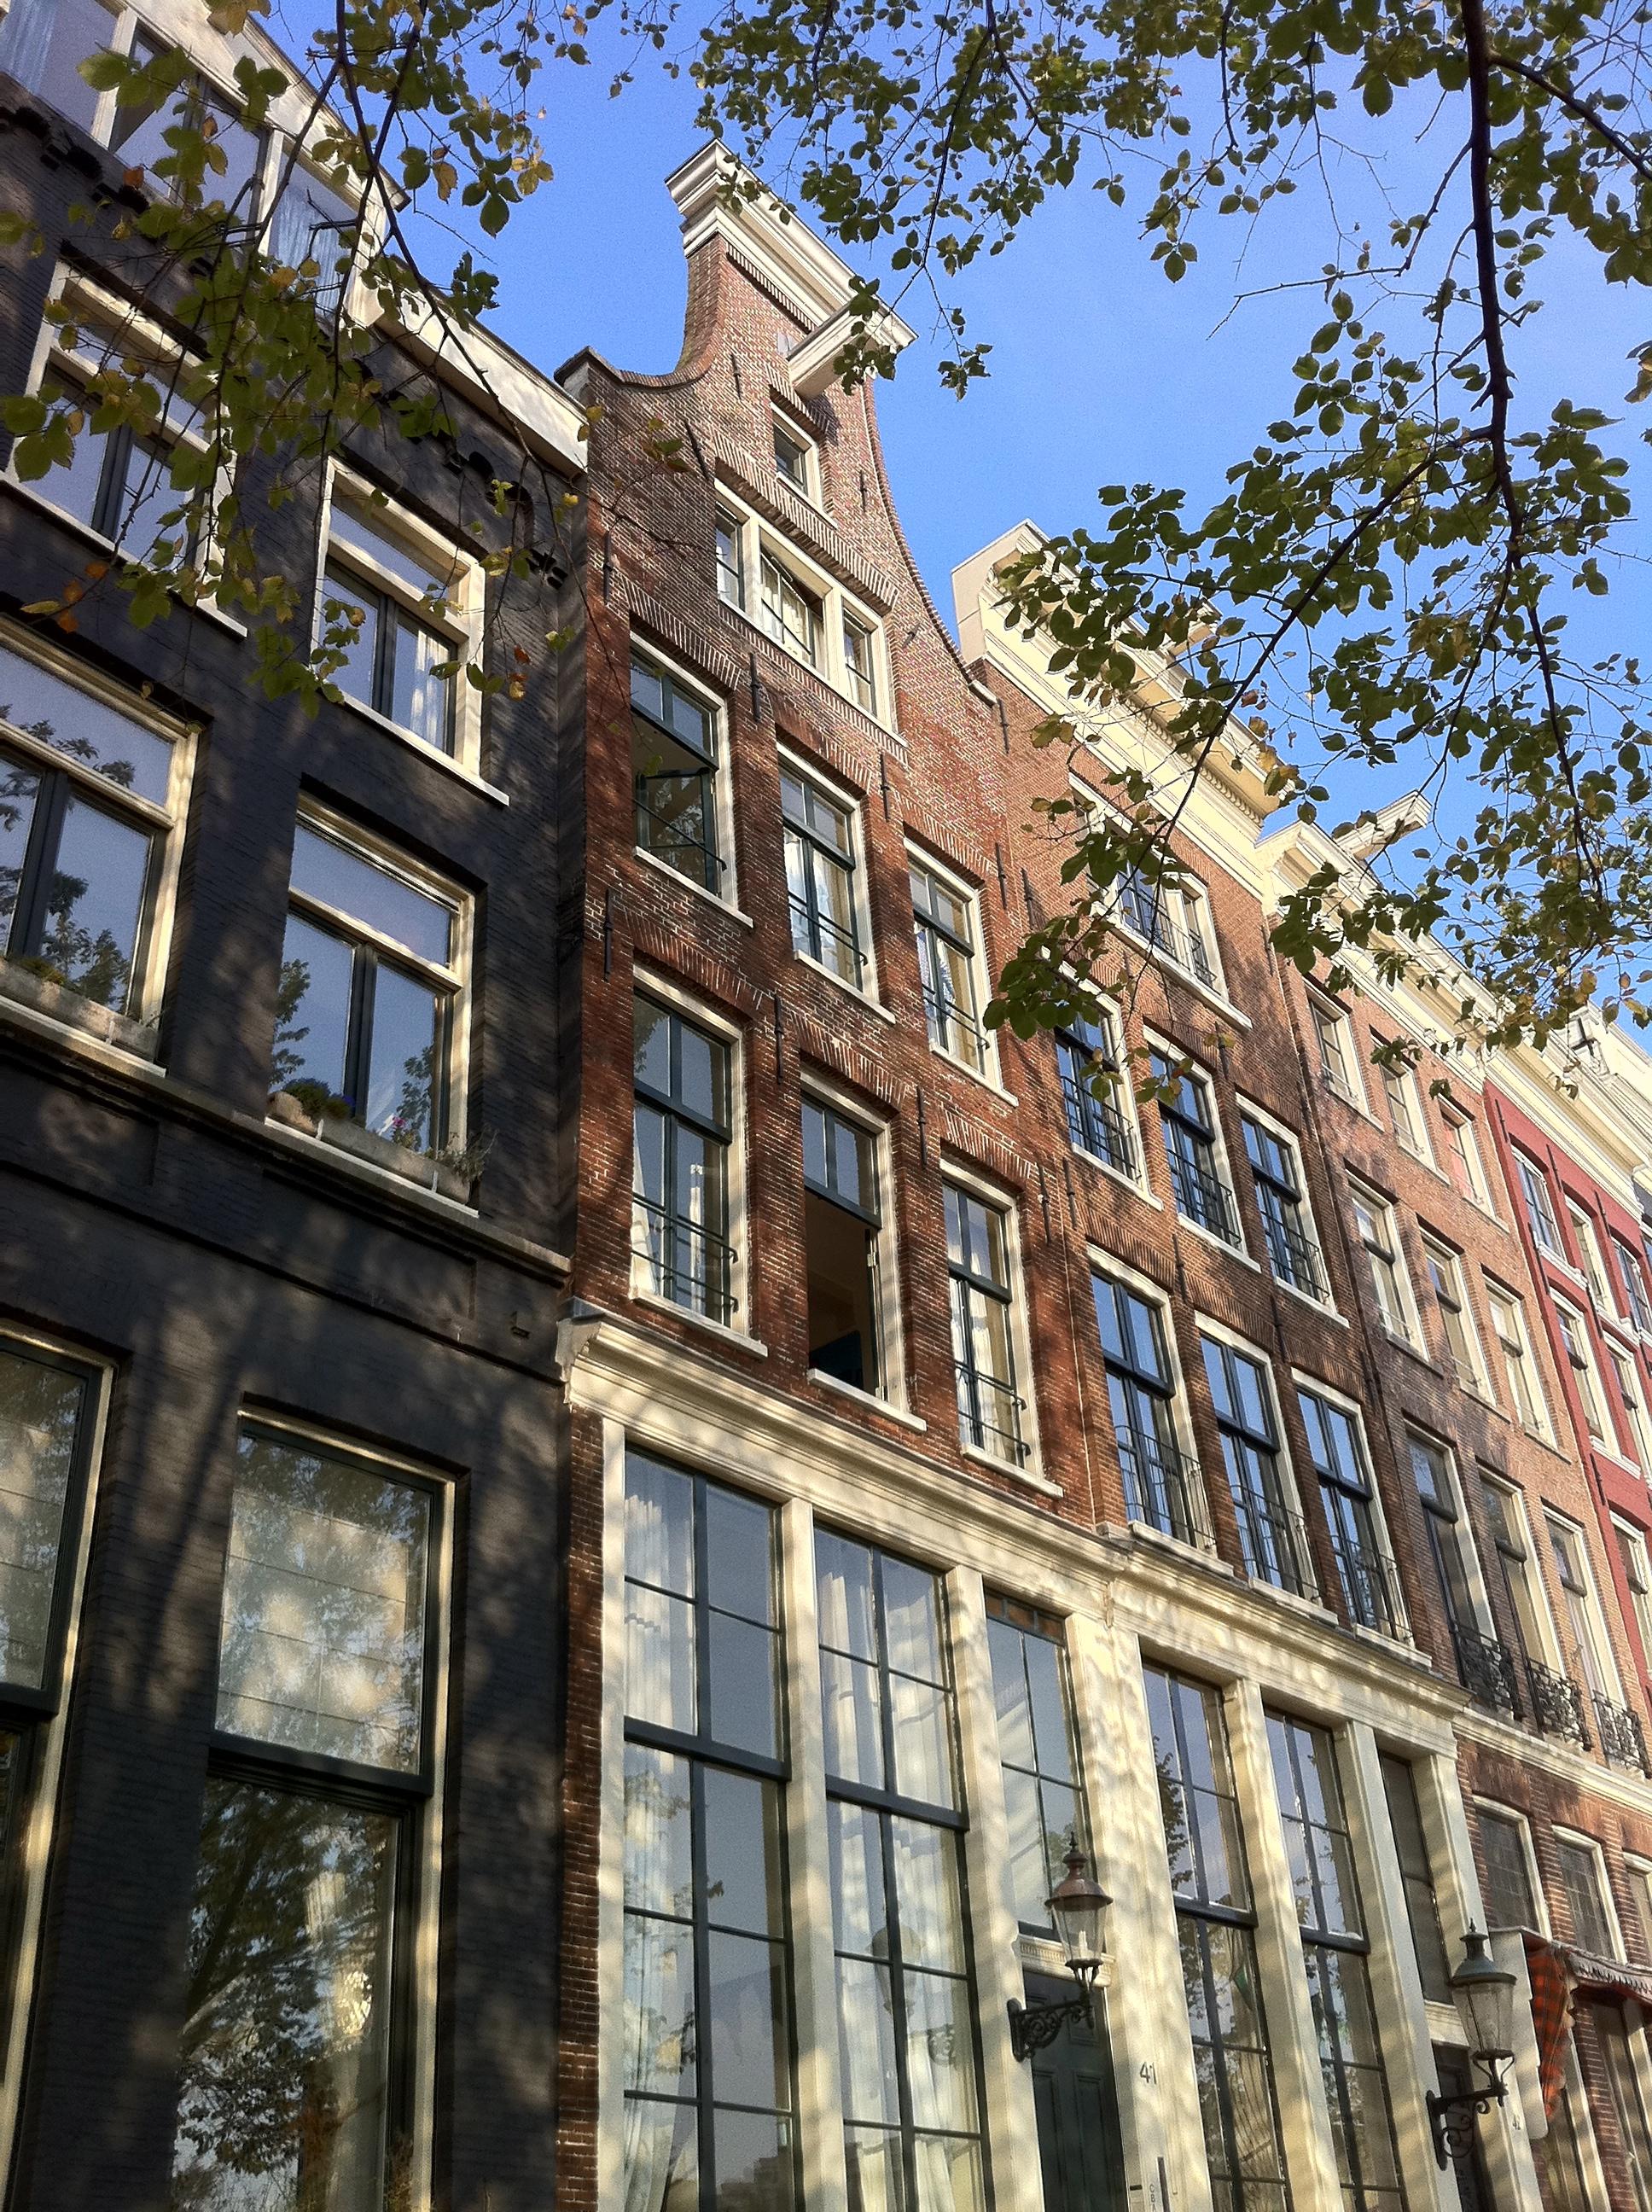 Huis met gevel onder ingezwenkte hals met toplijstje in amsterdam monument - Huis gevel ...